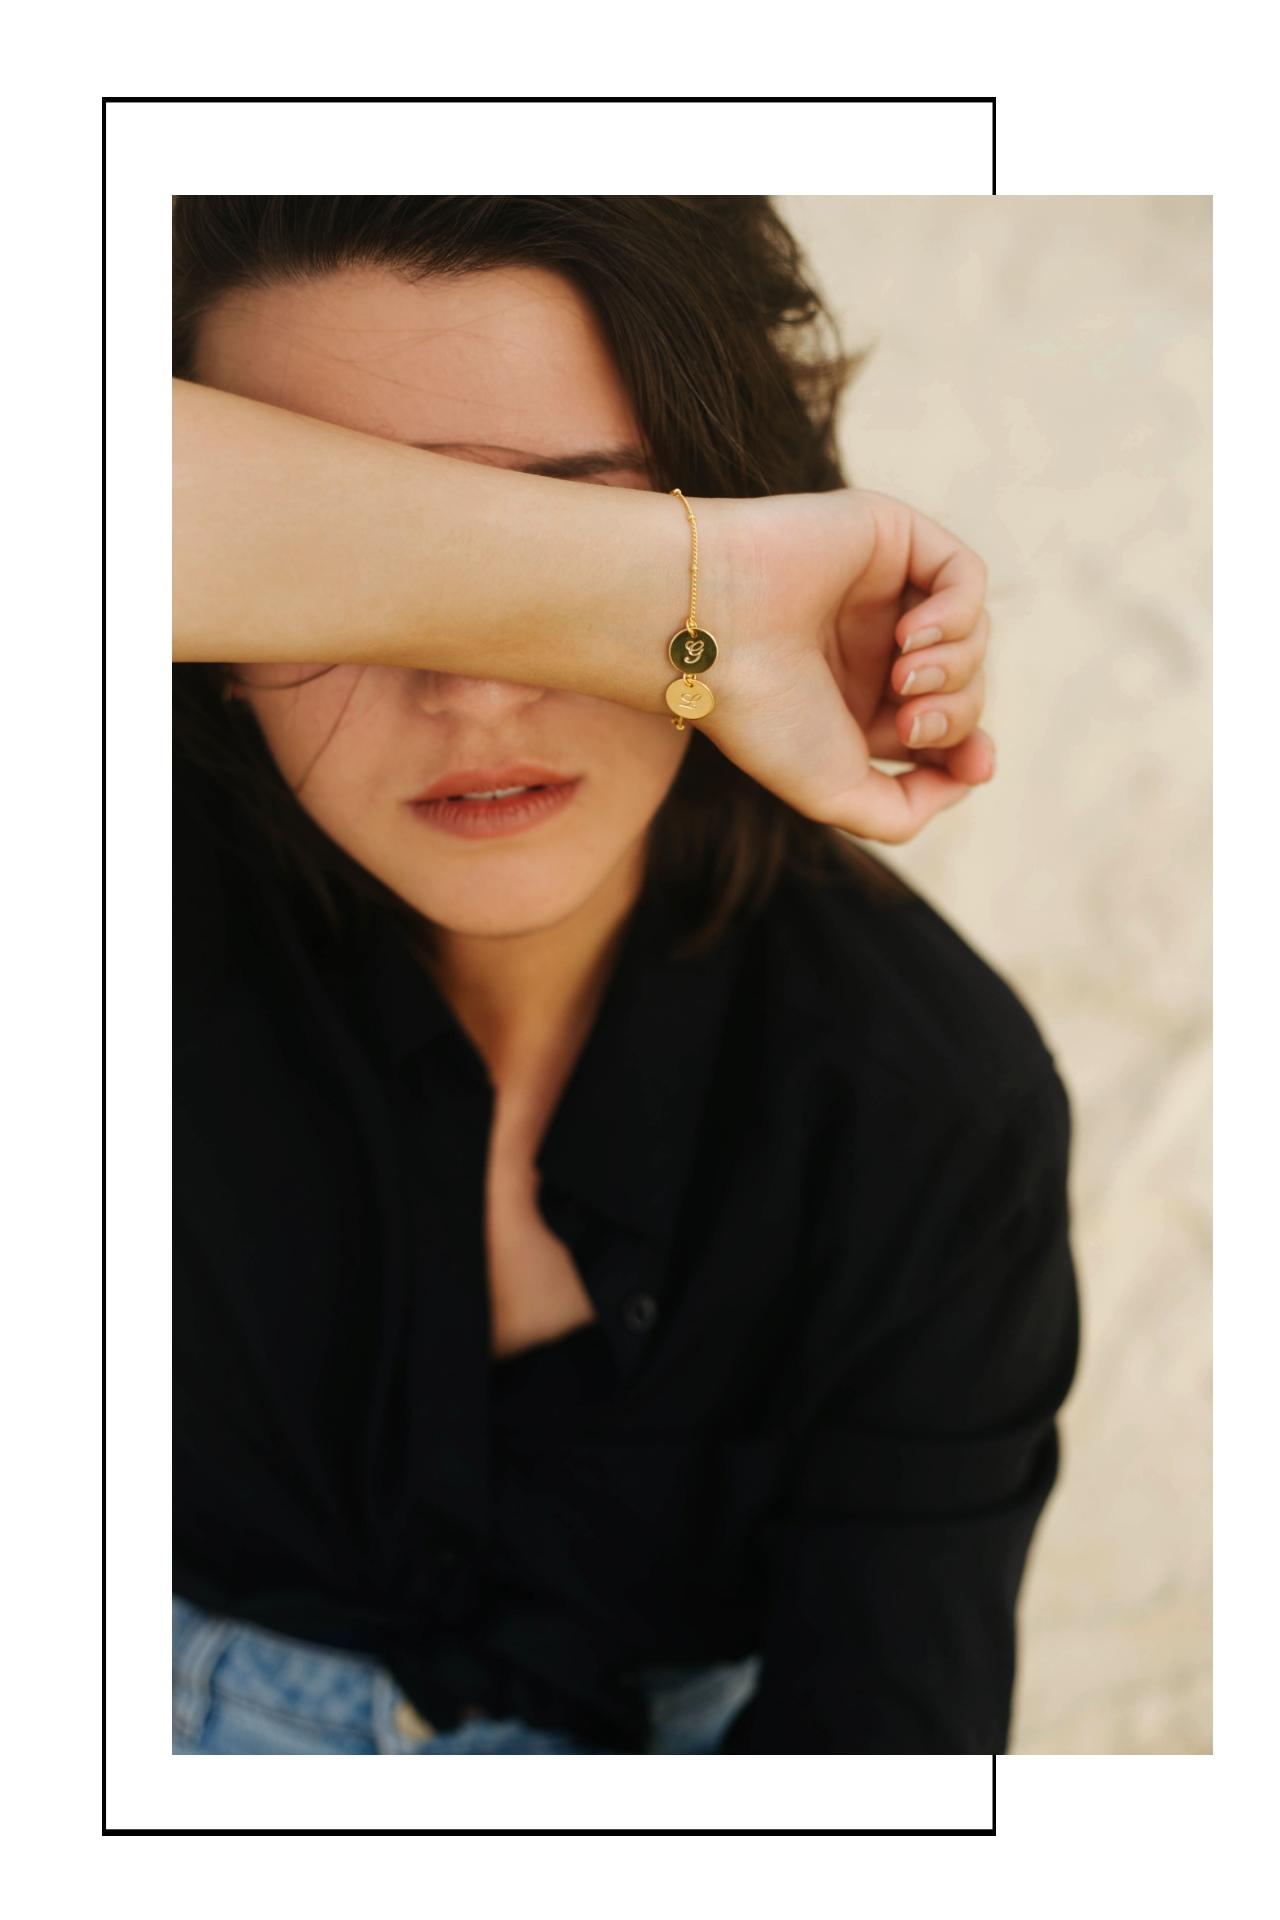 Dünne Armbänder in Gold Silber und Rosegold Madeleine Issing